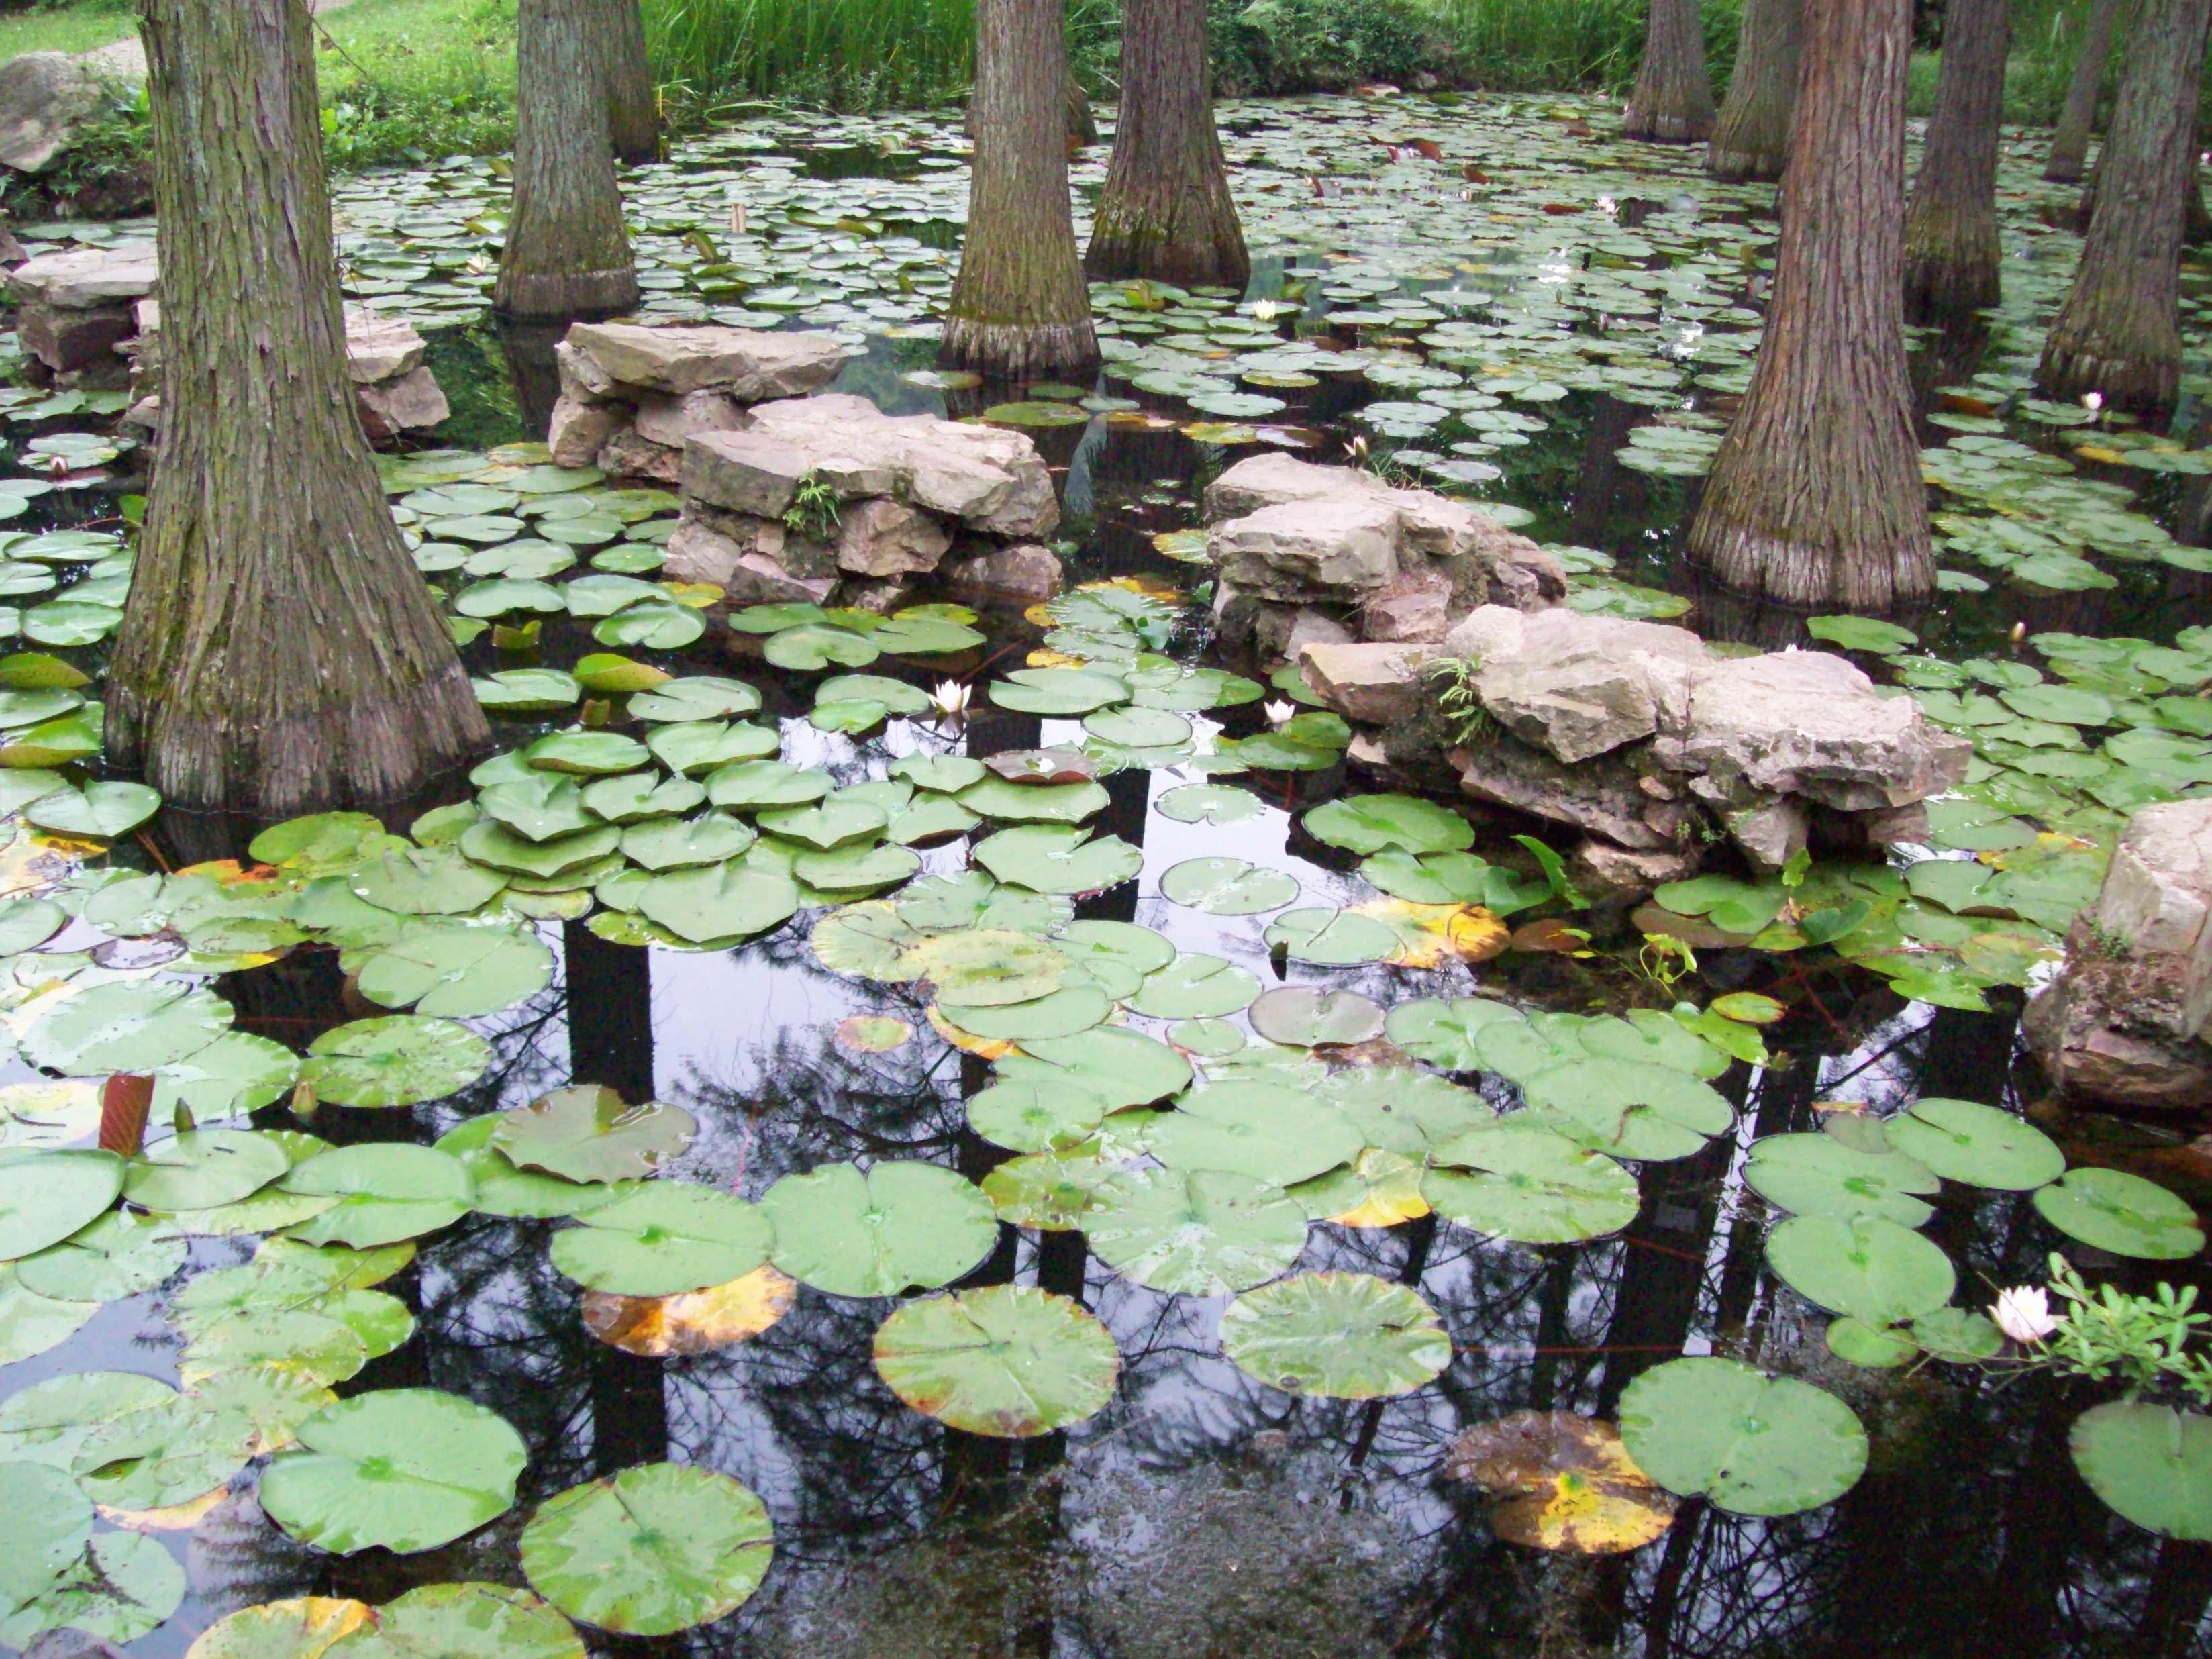 武汉植物园第六章级s暖暖攻略级公主奇迹图片